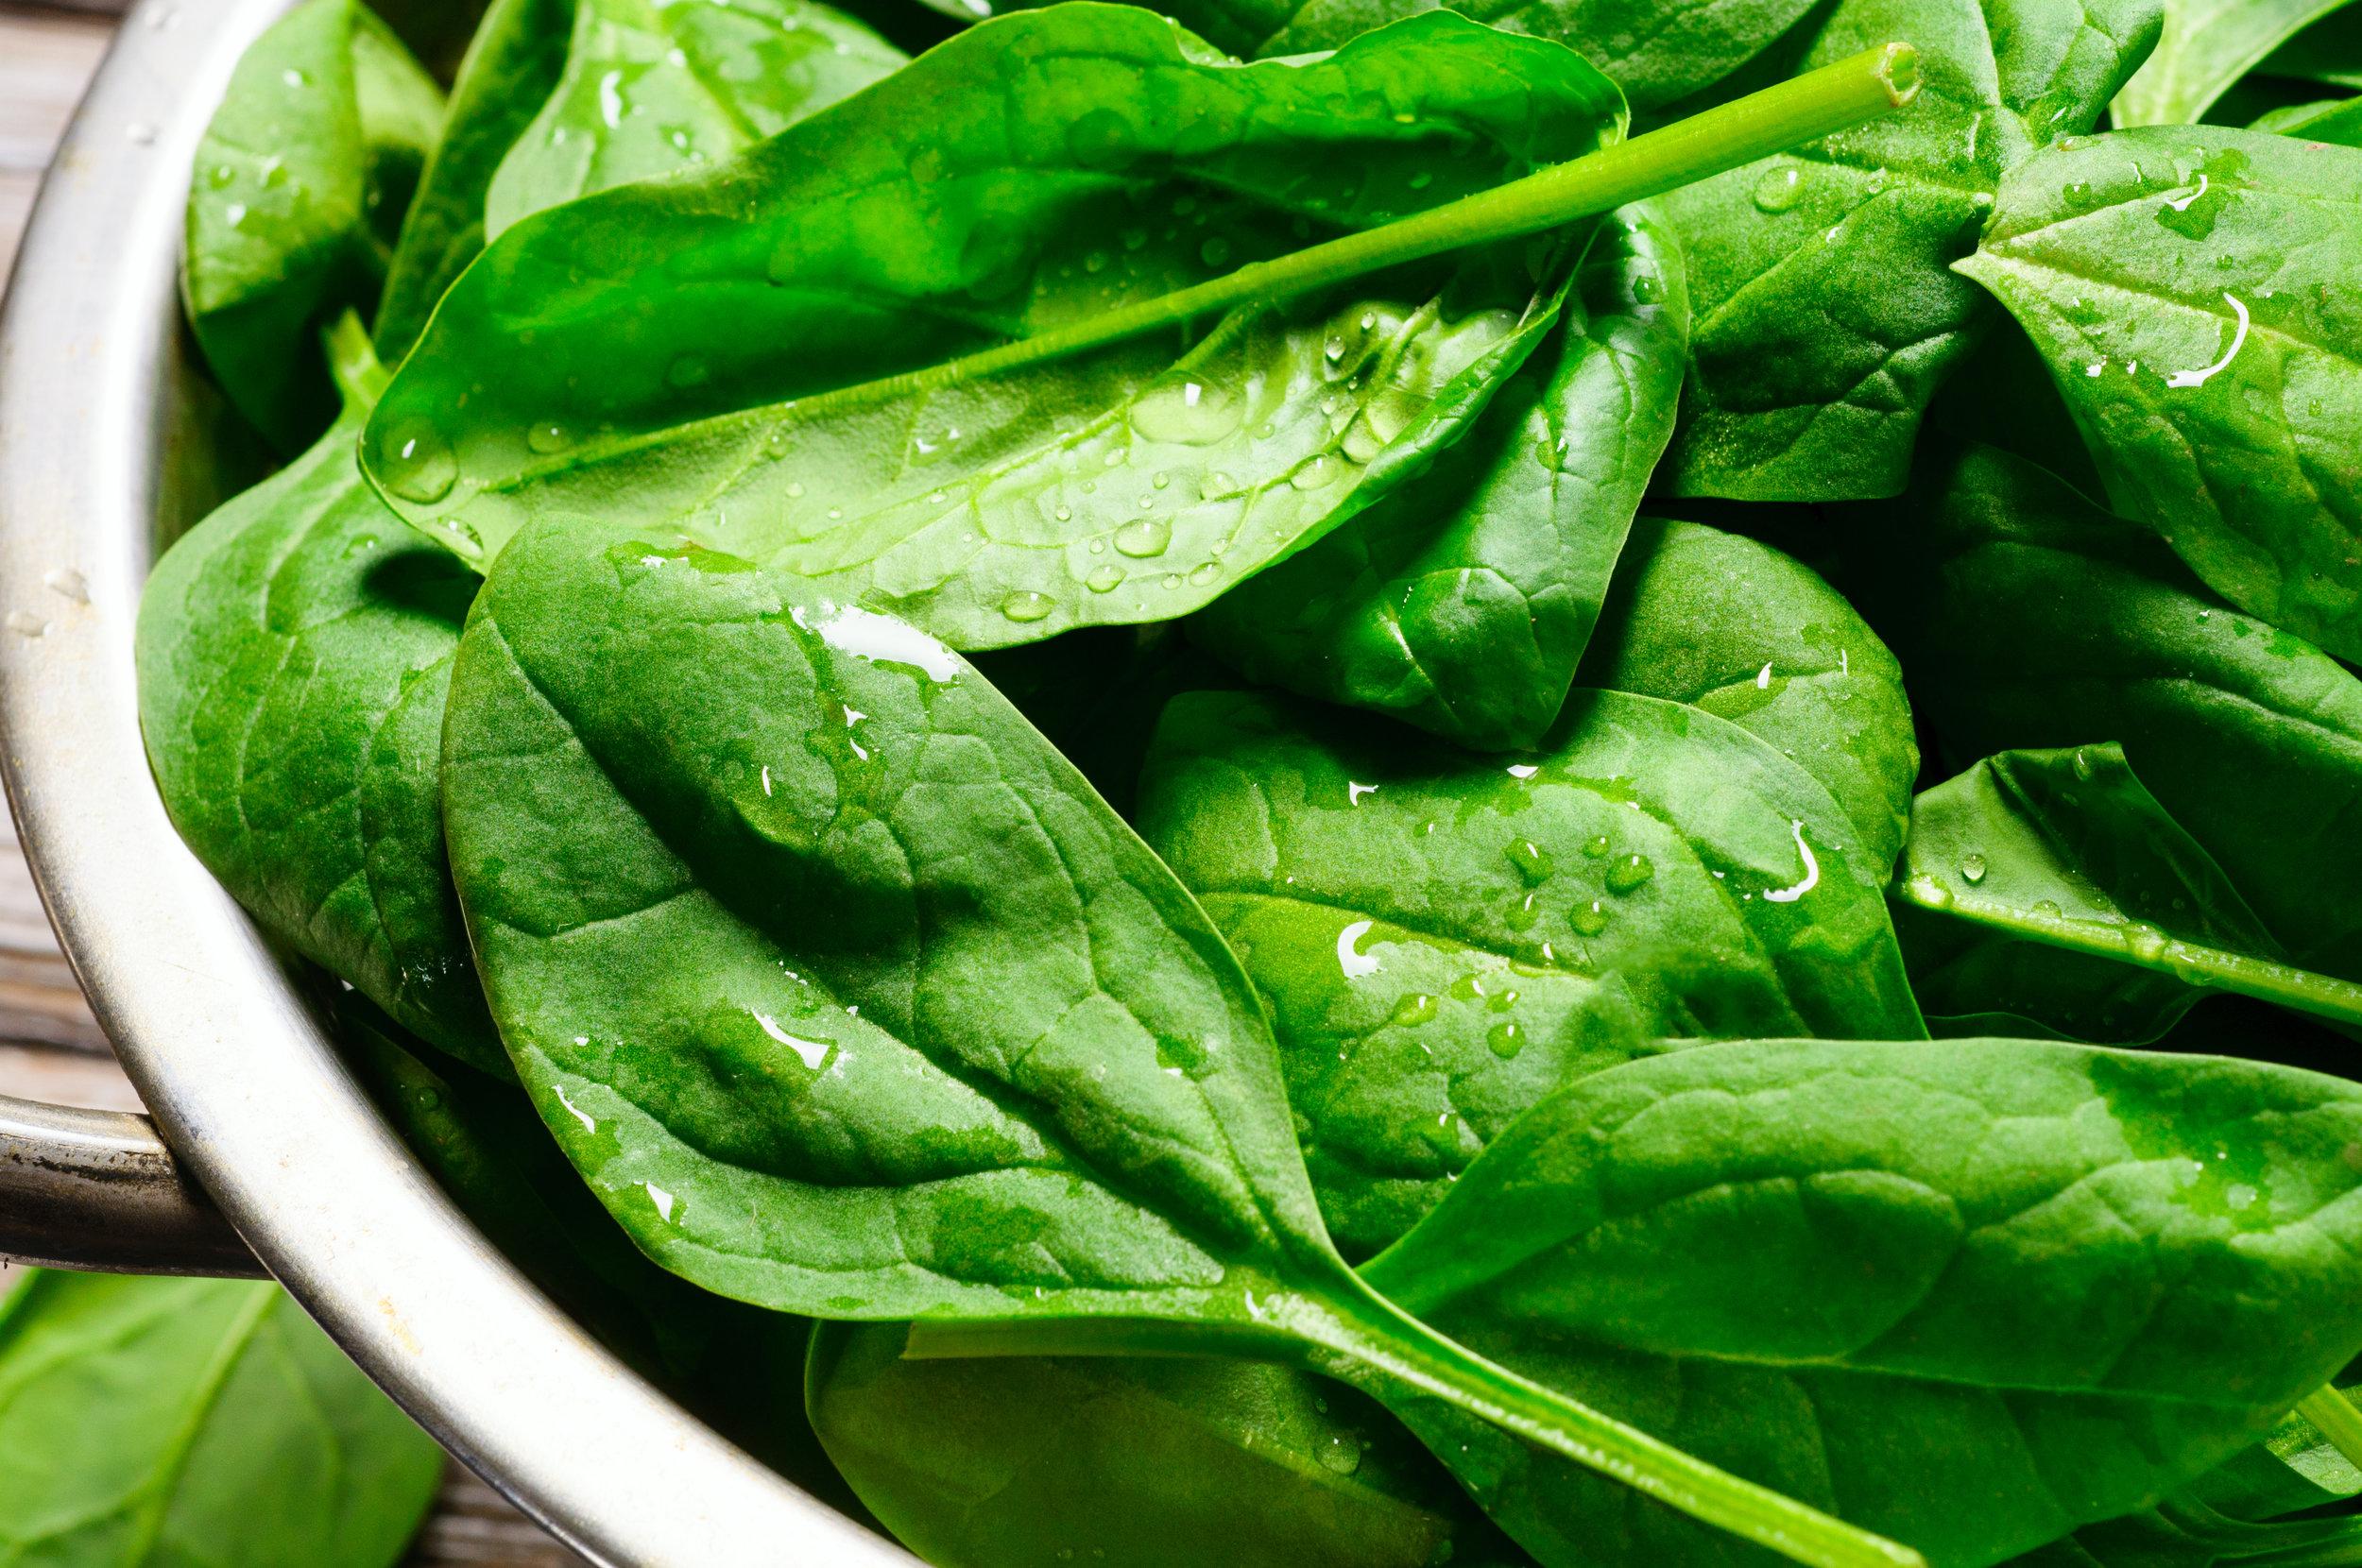 Green Leafy Vegetables - Spiriluna, chlorella, alfalfa grass, kale leaf, wheat grass leaf, green tea leaf, barley grass, parsley, spinach leaf, dandelion leaf